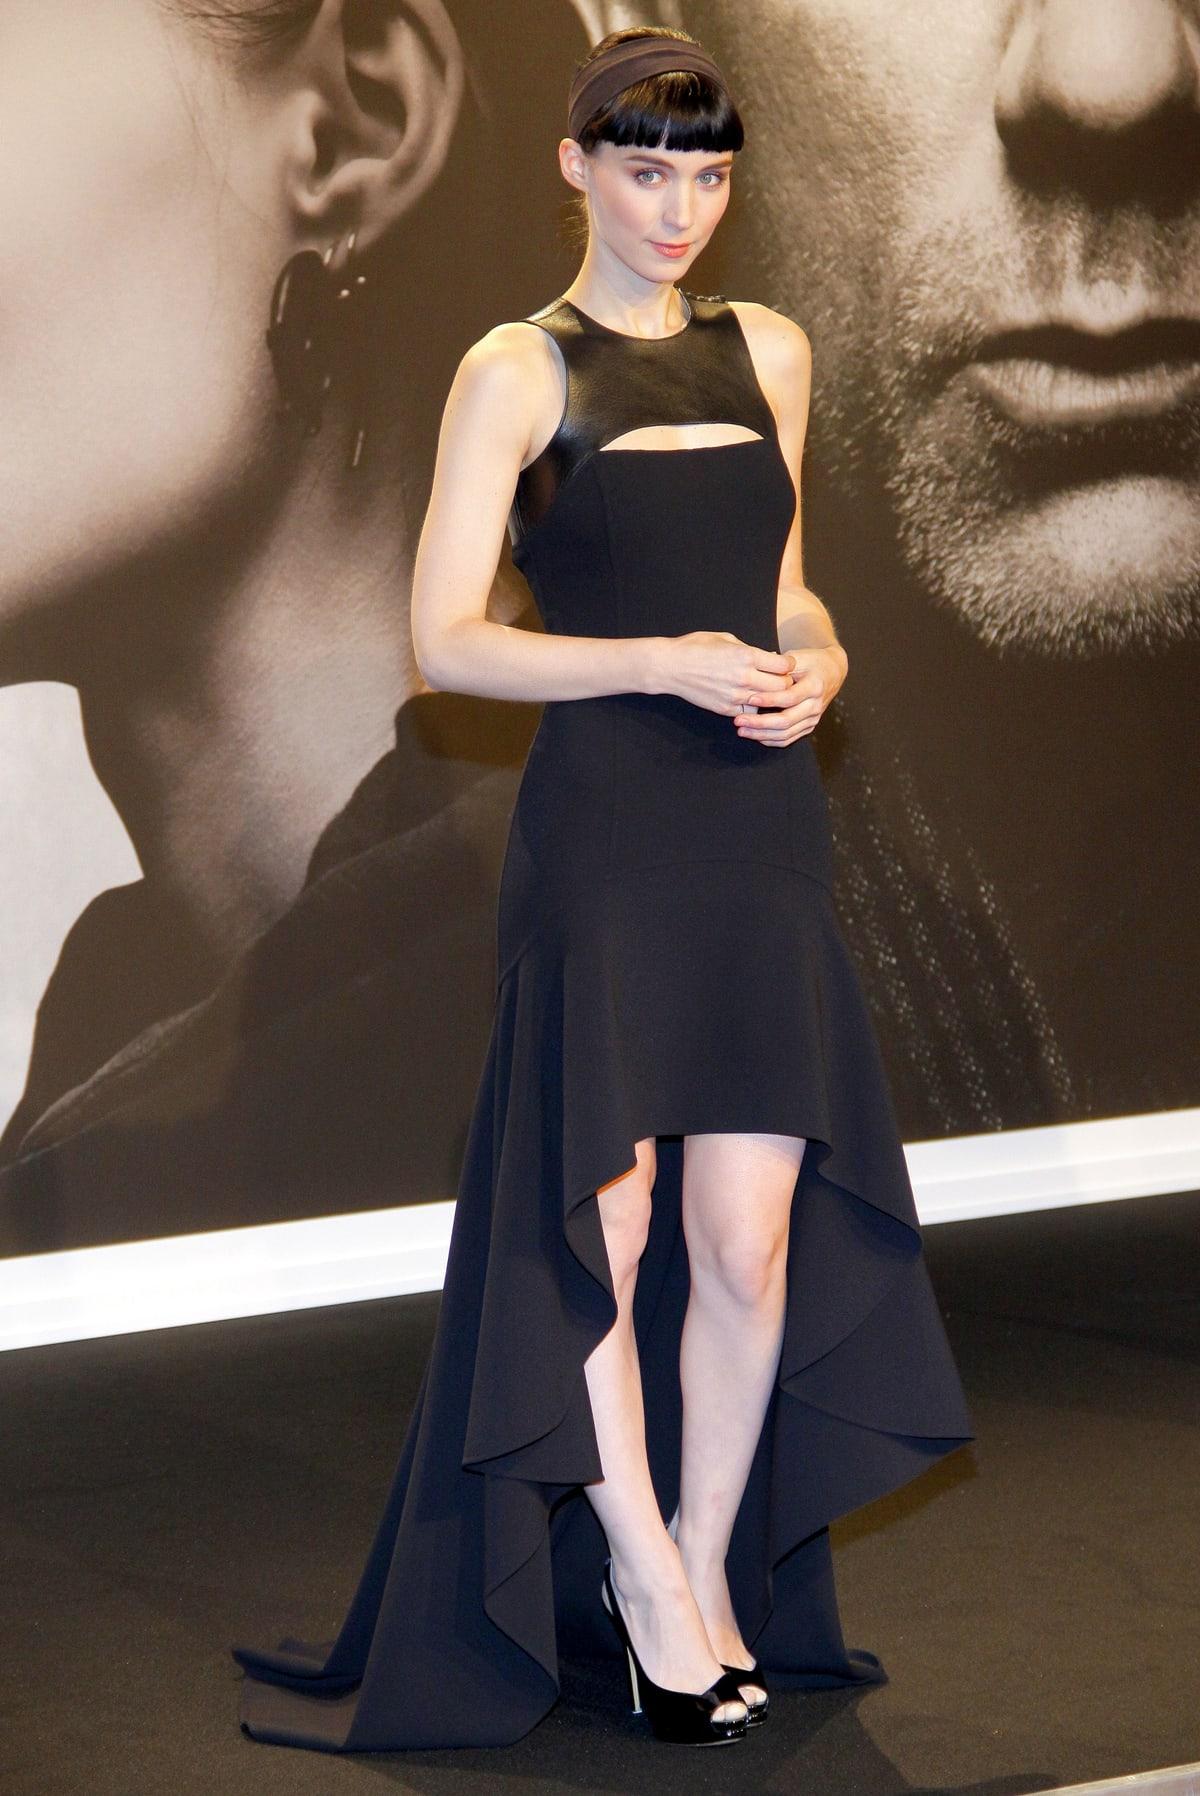 Rooney Mara wears a black a Michael Kors Pre-Fall 2012 dress with a matching headband and Nicholas Kirkwood peep-toe heels